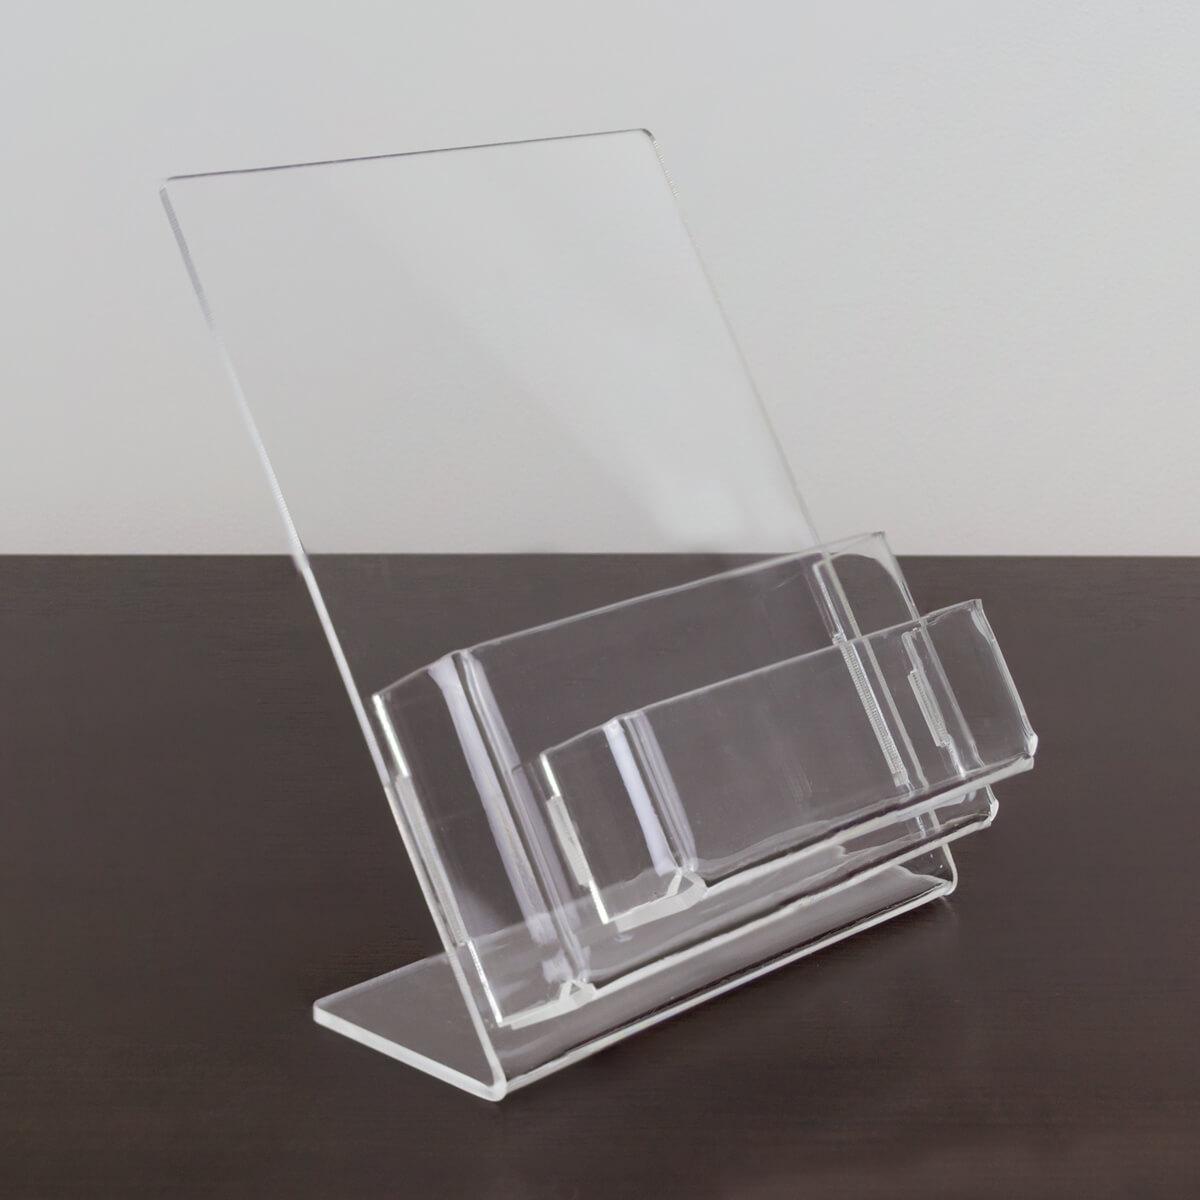 Porta folder a6 vertical de acrílico com porta cartões